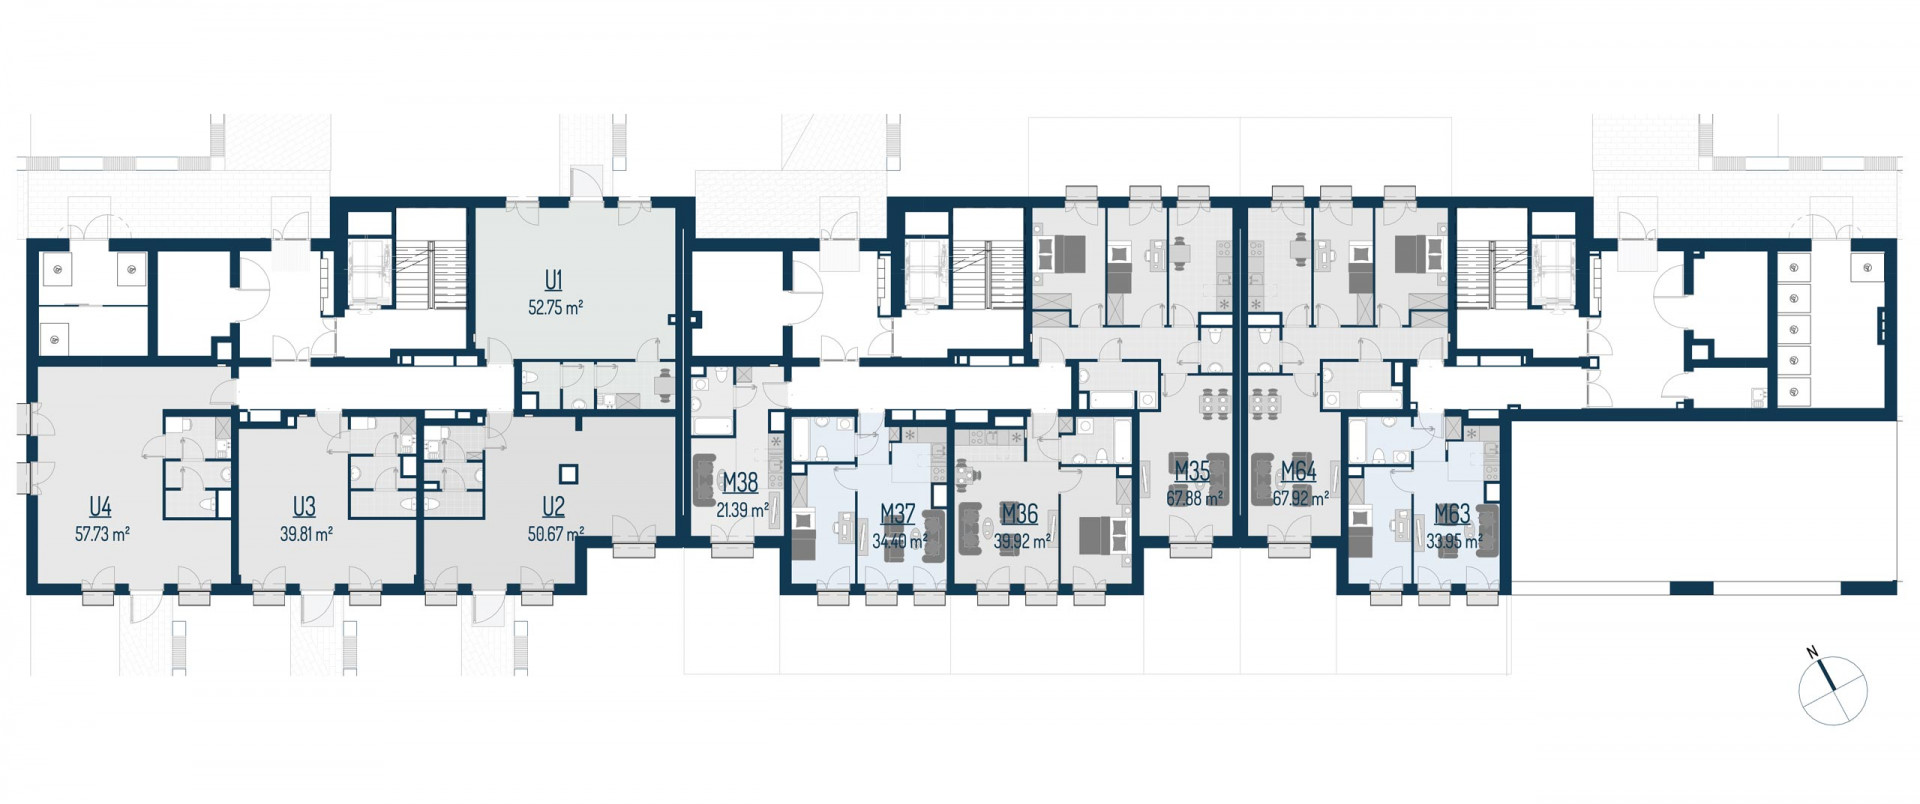 Zdrowe Stylove / budynek 1 / mieszkanie nr U3 rzut 2